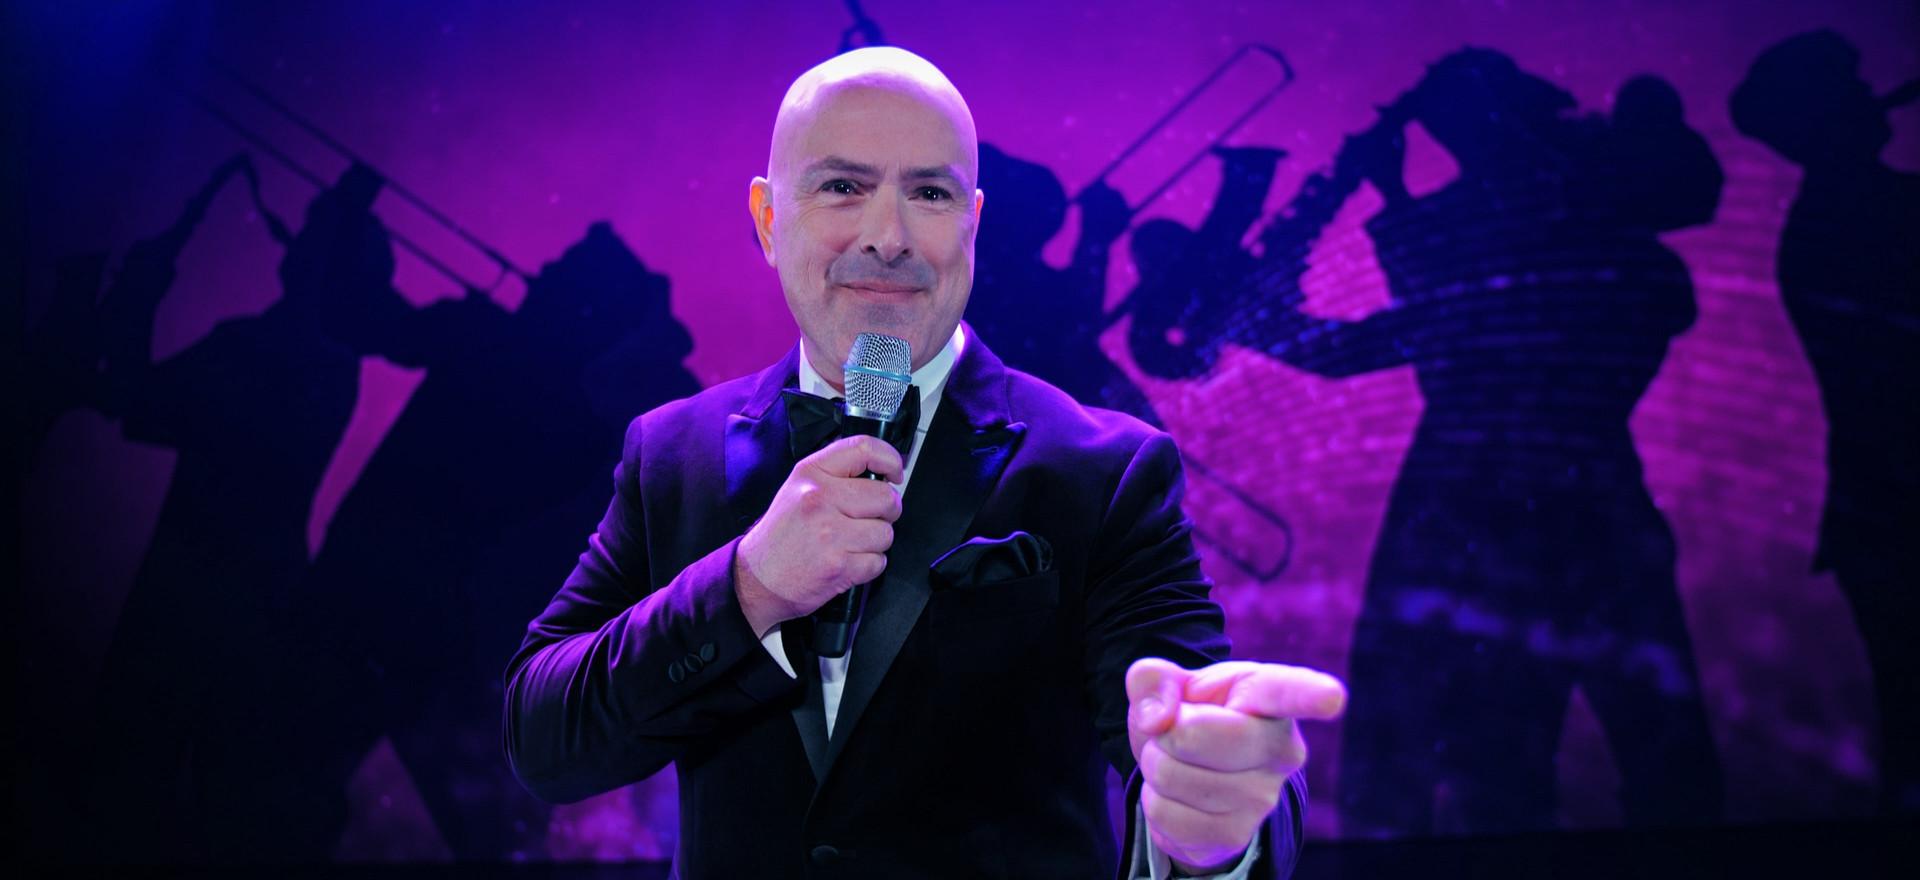 Paul pointing.jpg